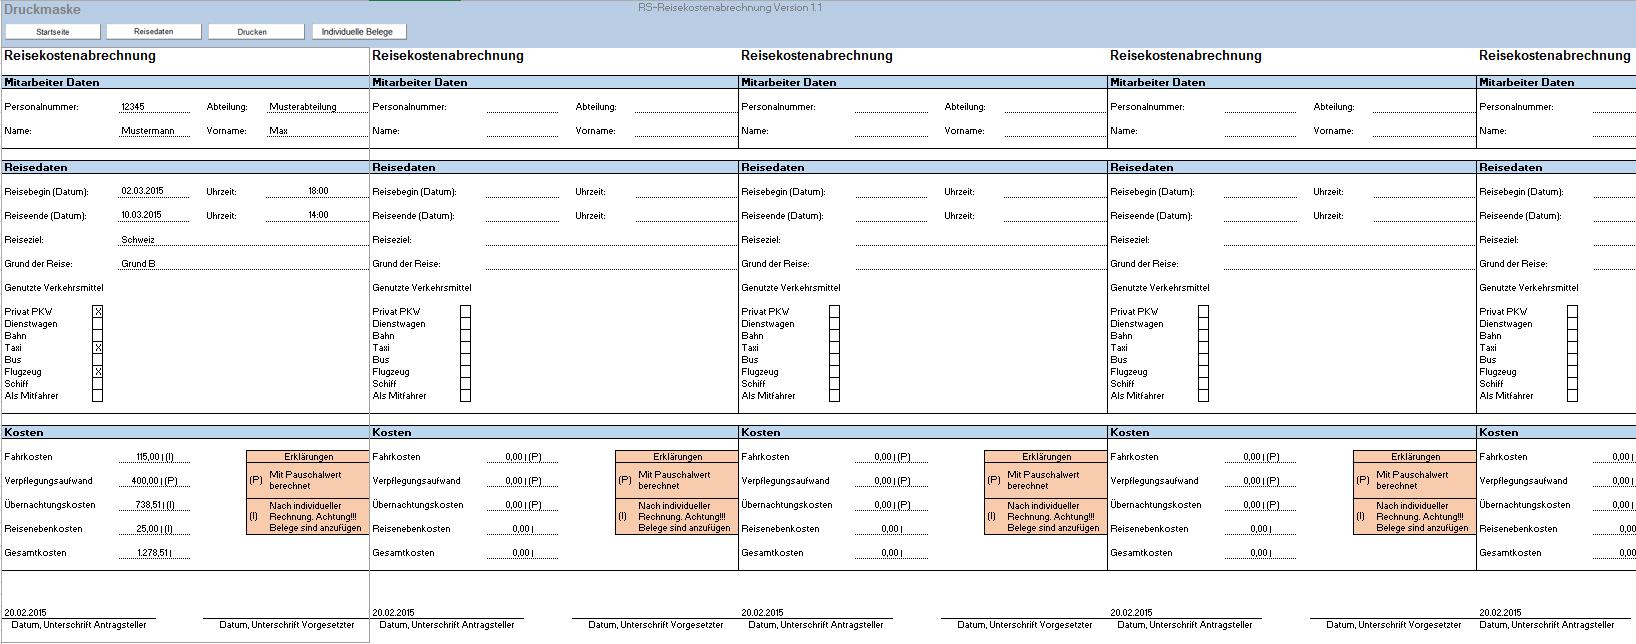 Excel-Vorlage Reisekostenabrechnung